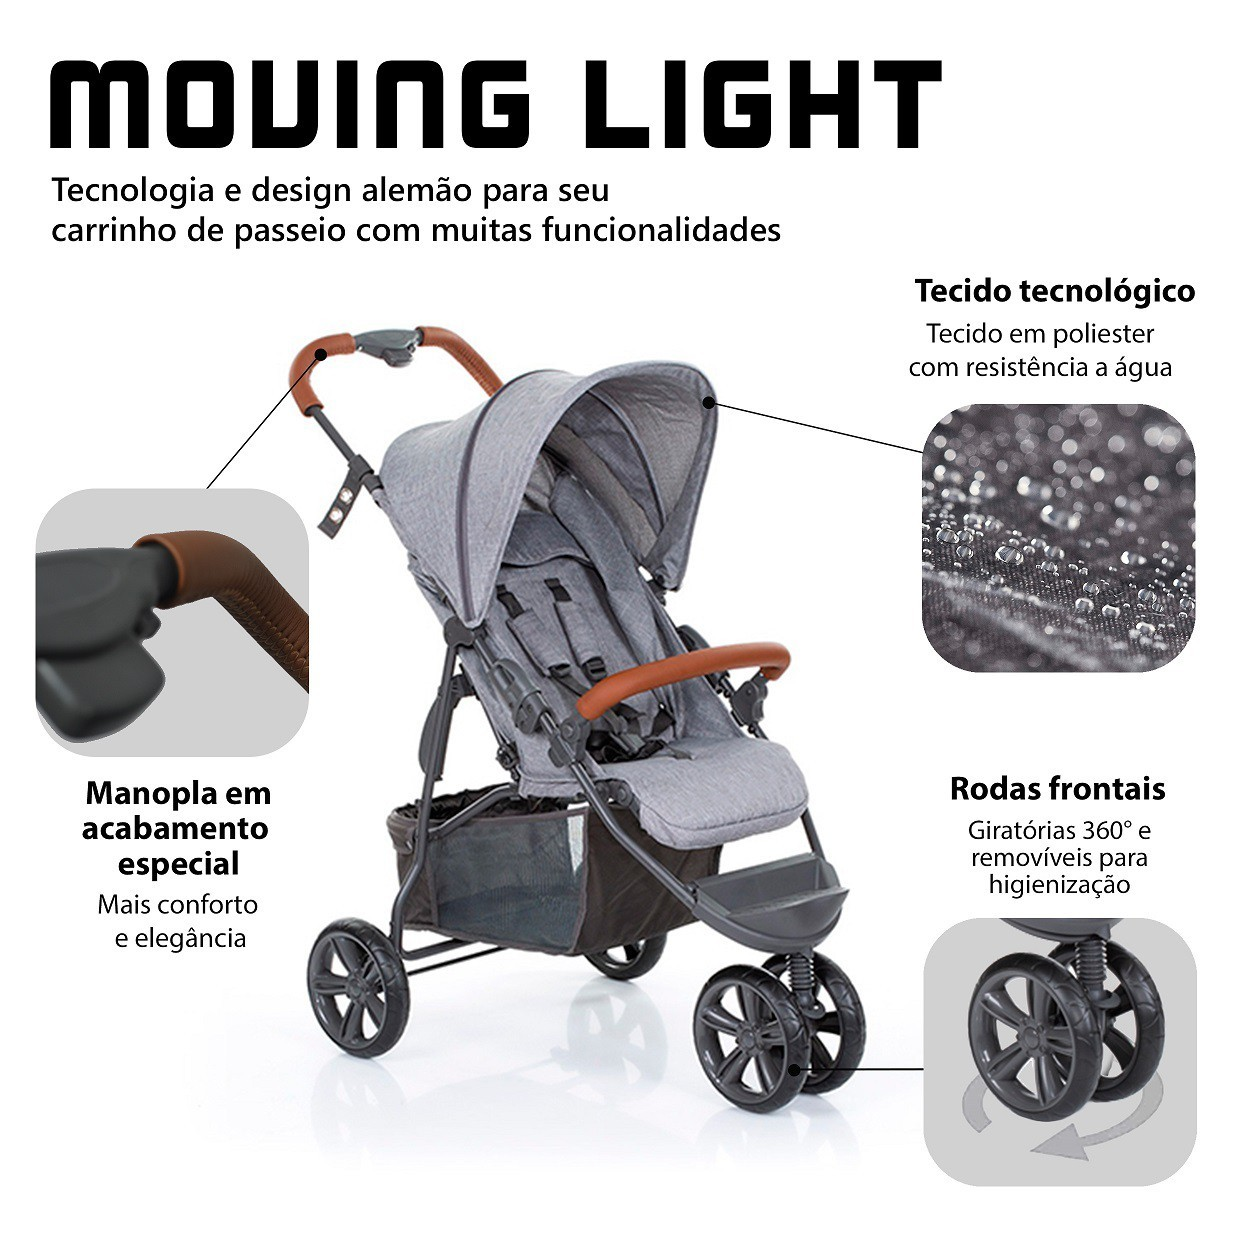 CARRINHO DE BEBÊ MOVING LIGHT WOVEN GREY COM COURO - ABC DESIGN